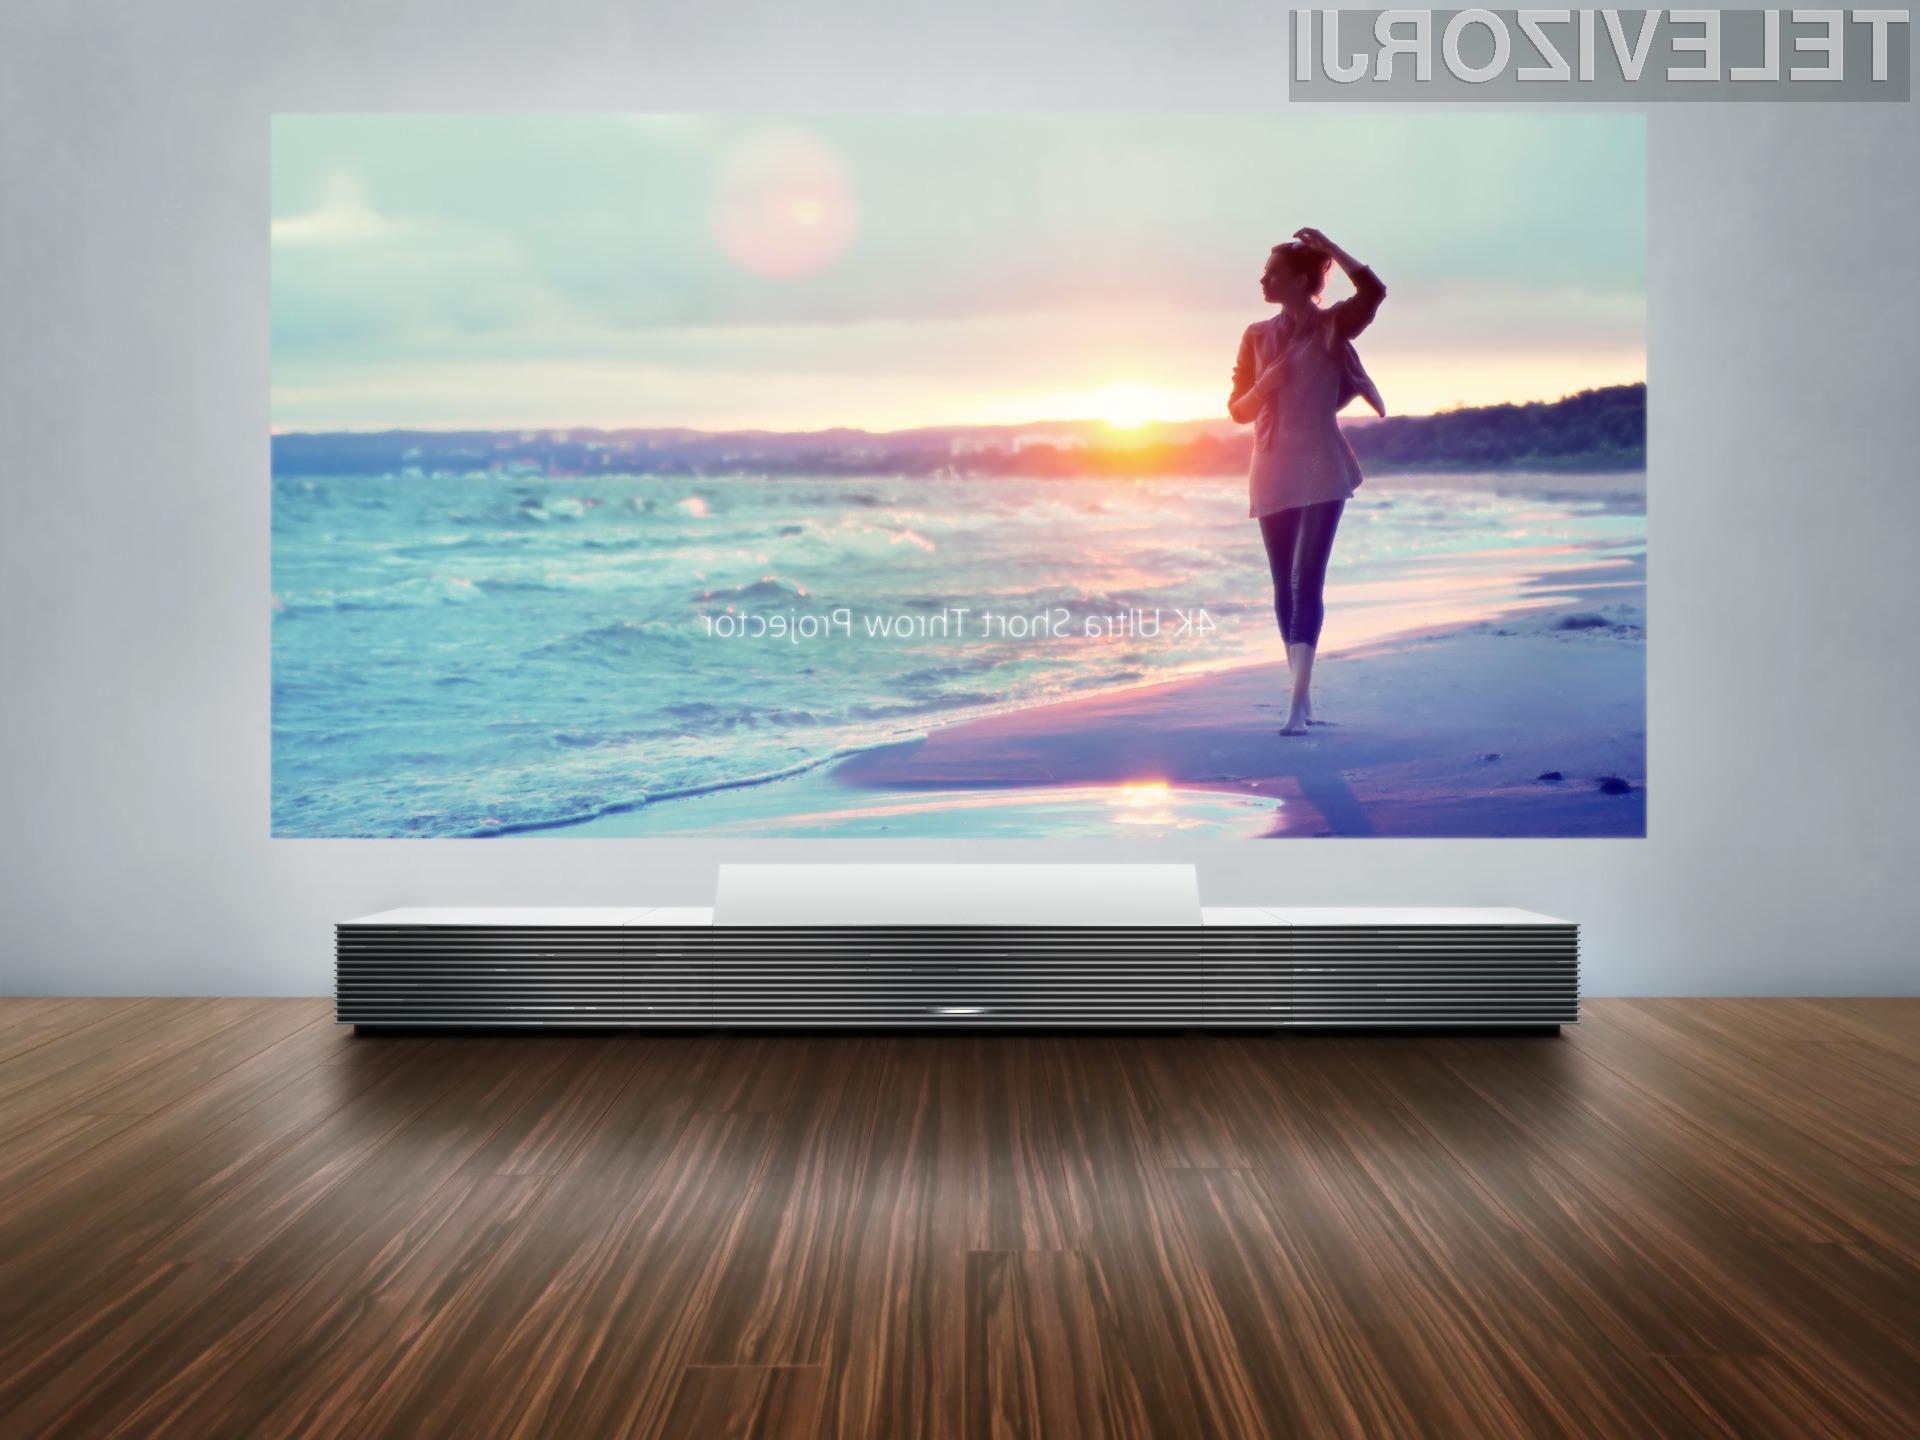 Izjemno kakovosten projektor Sony Life Space UX navdušuje v vseh pogledih!